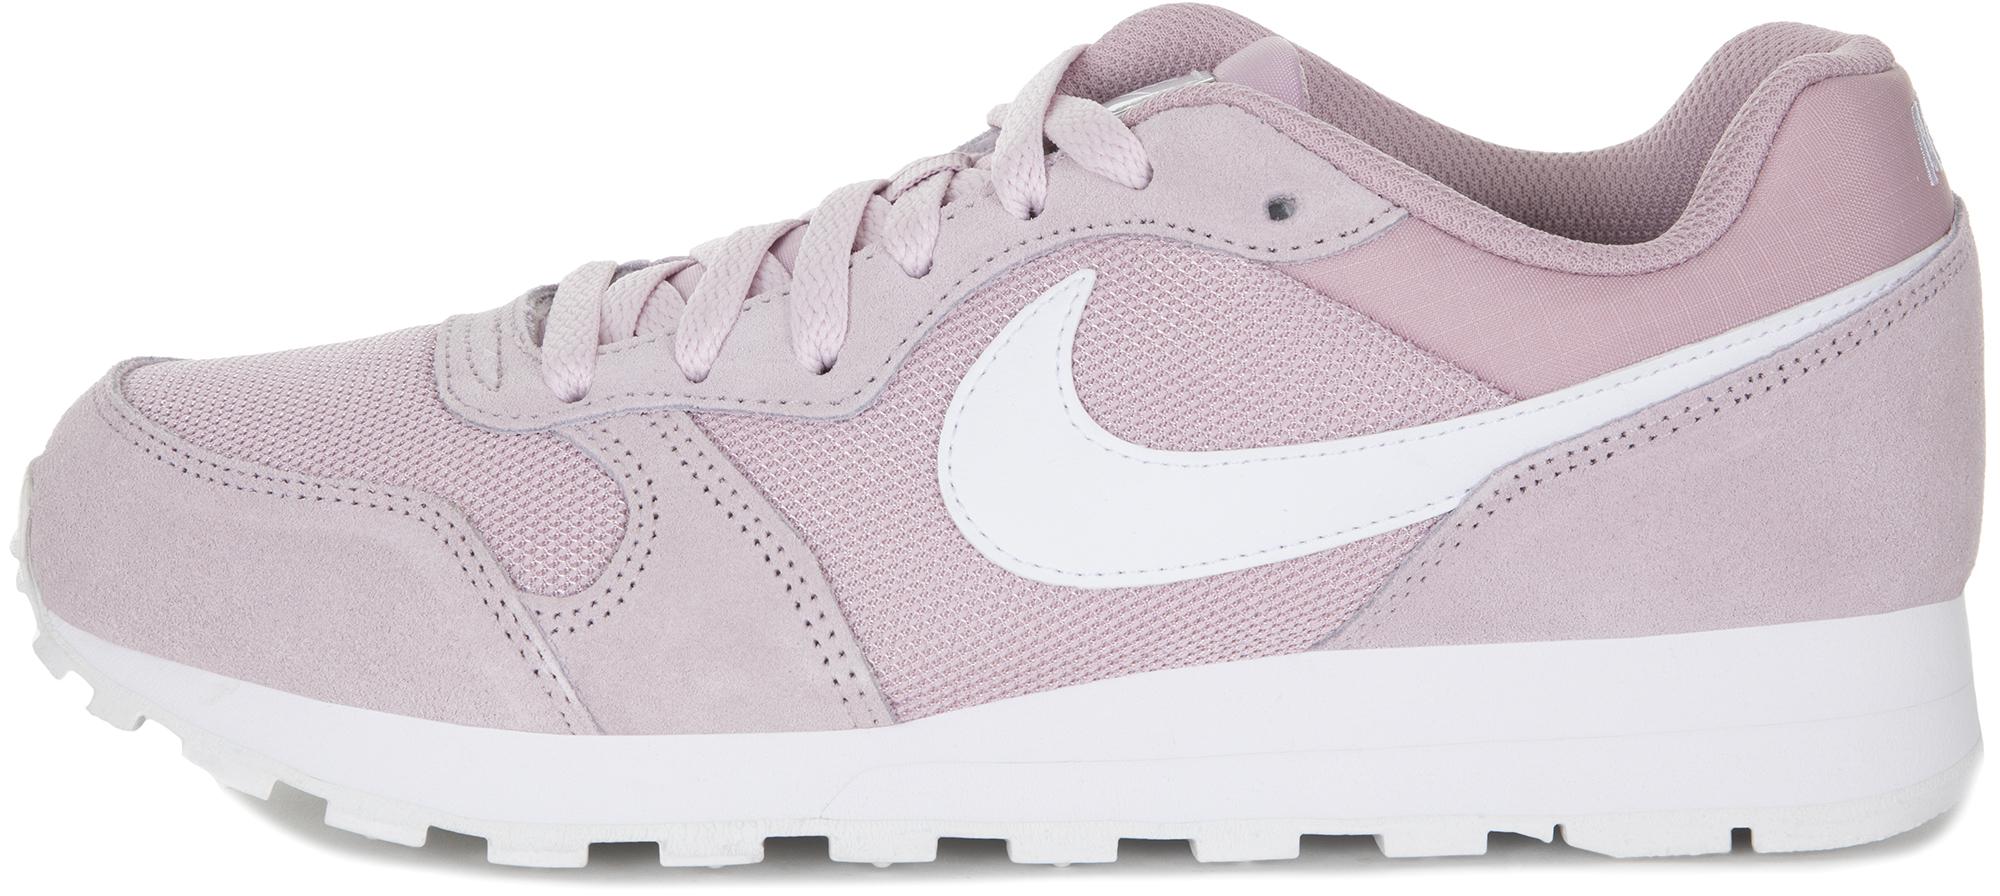 Nike Кроссовки женские Runner 2, размер 40